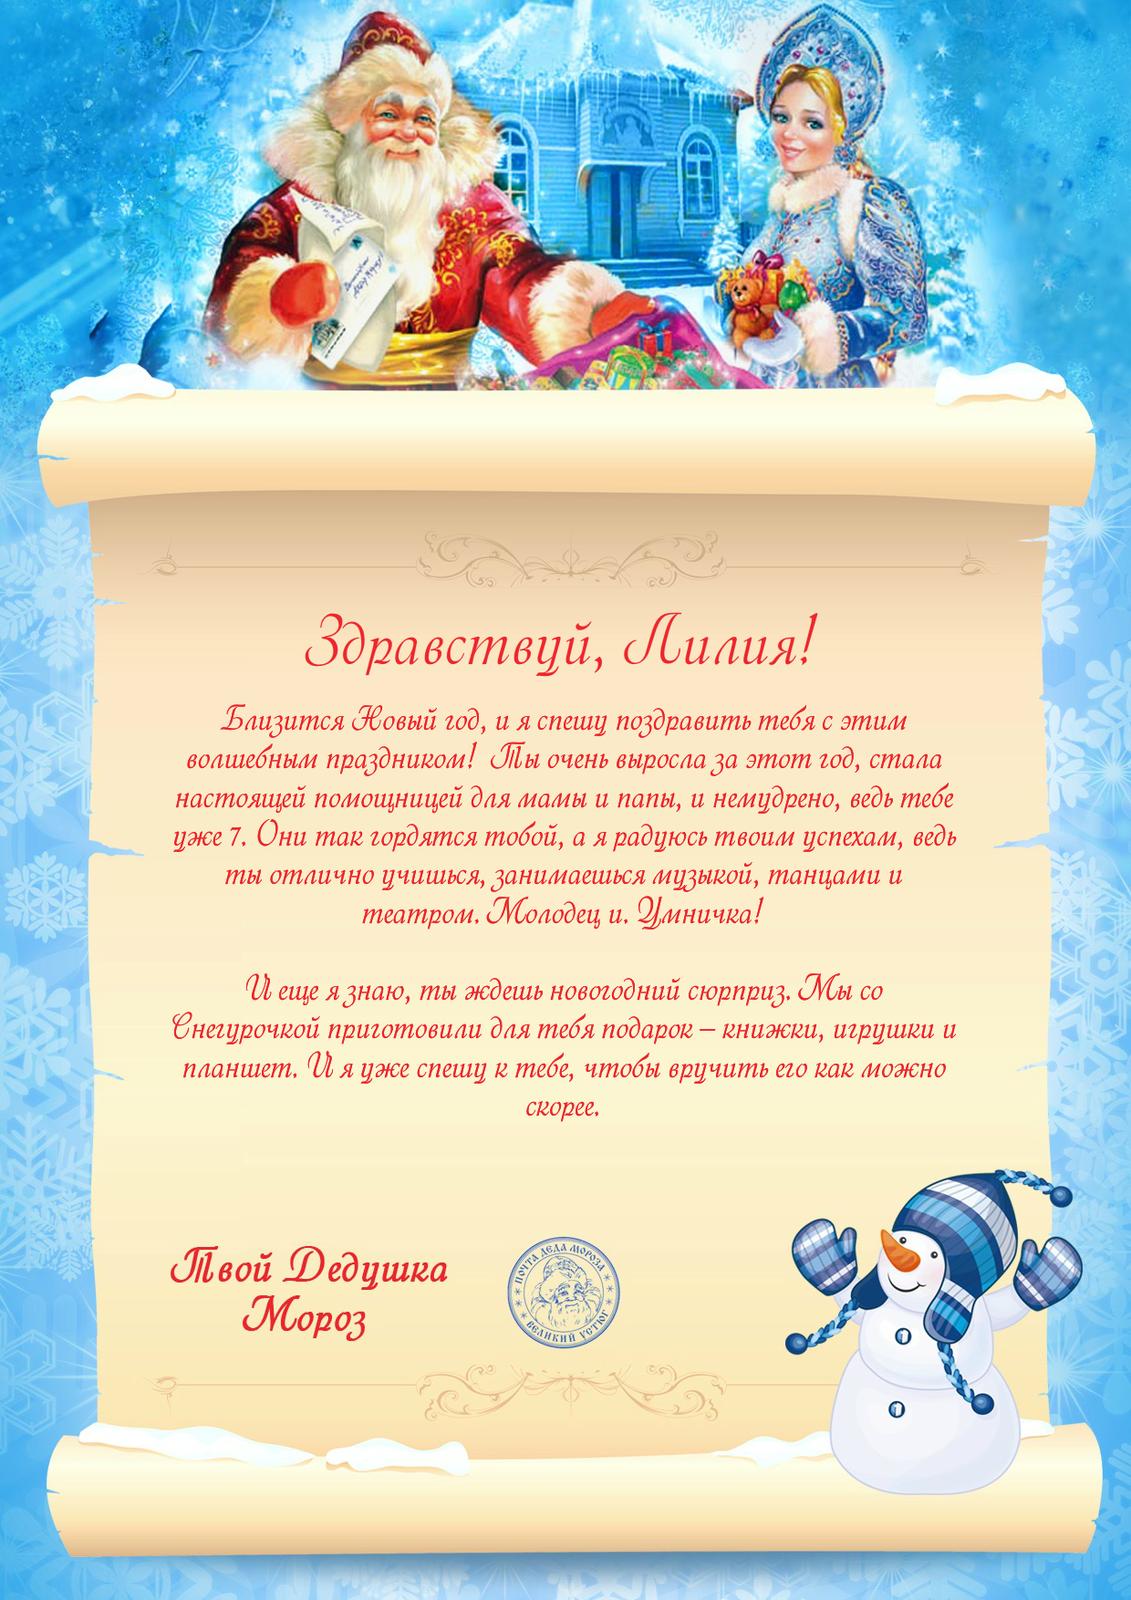 команда поздравление с новым годом для дочки от деда мороза очистите чешуи